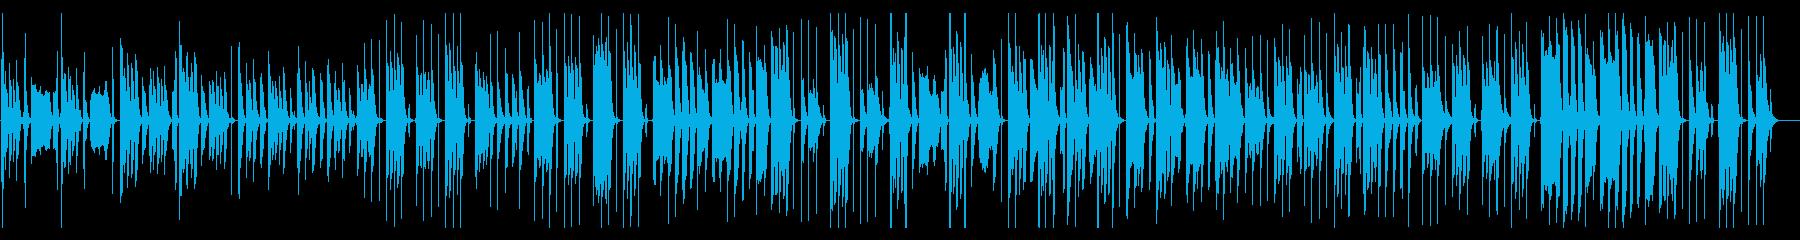 脱力する日常会話系の劇伴の再生済みの波形